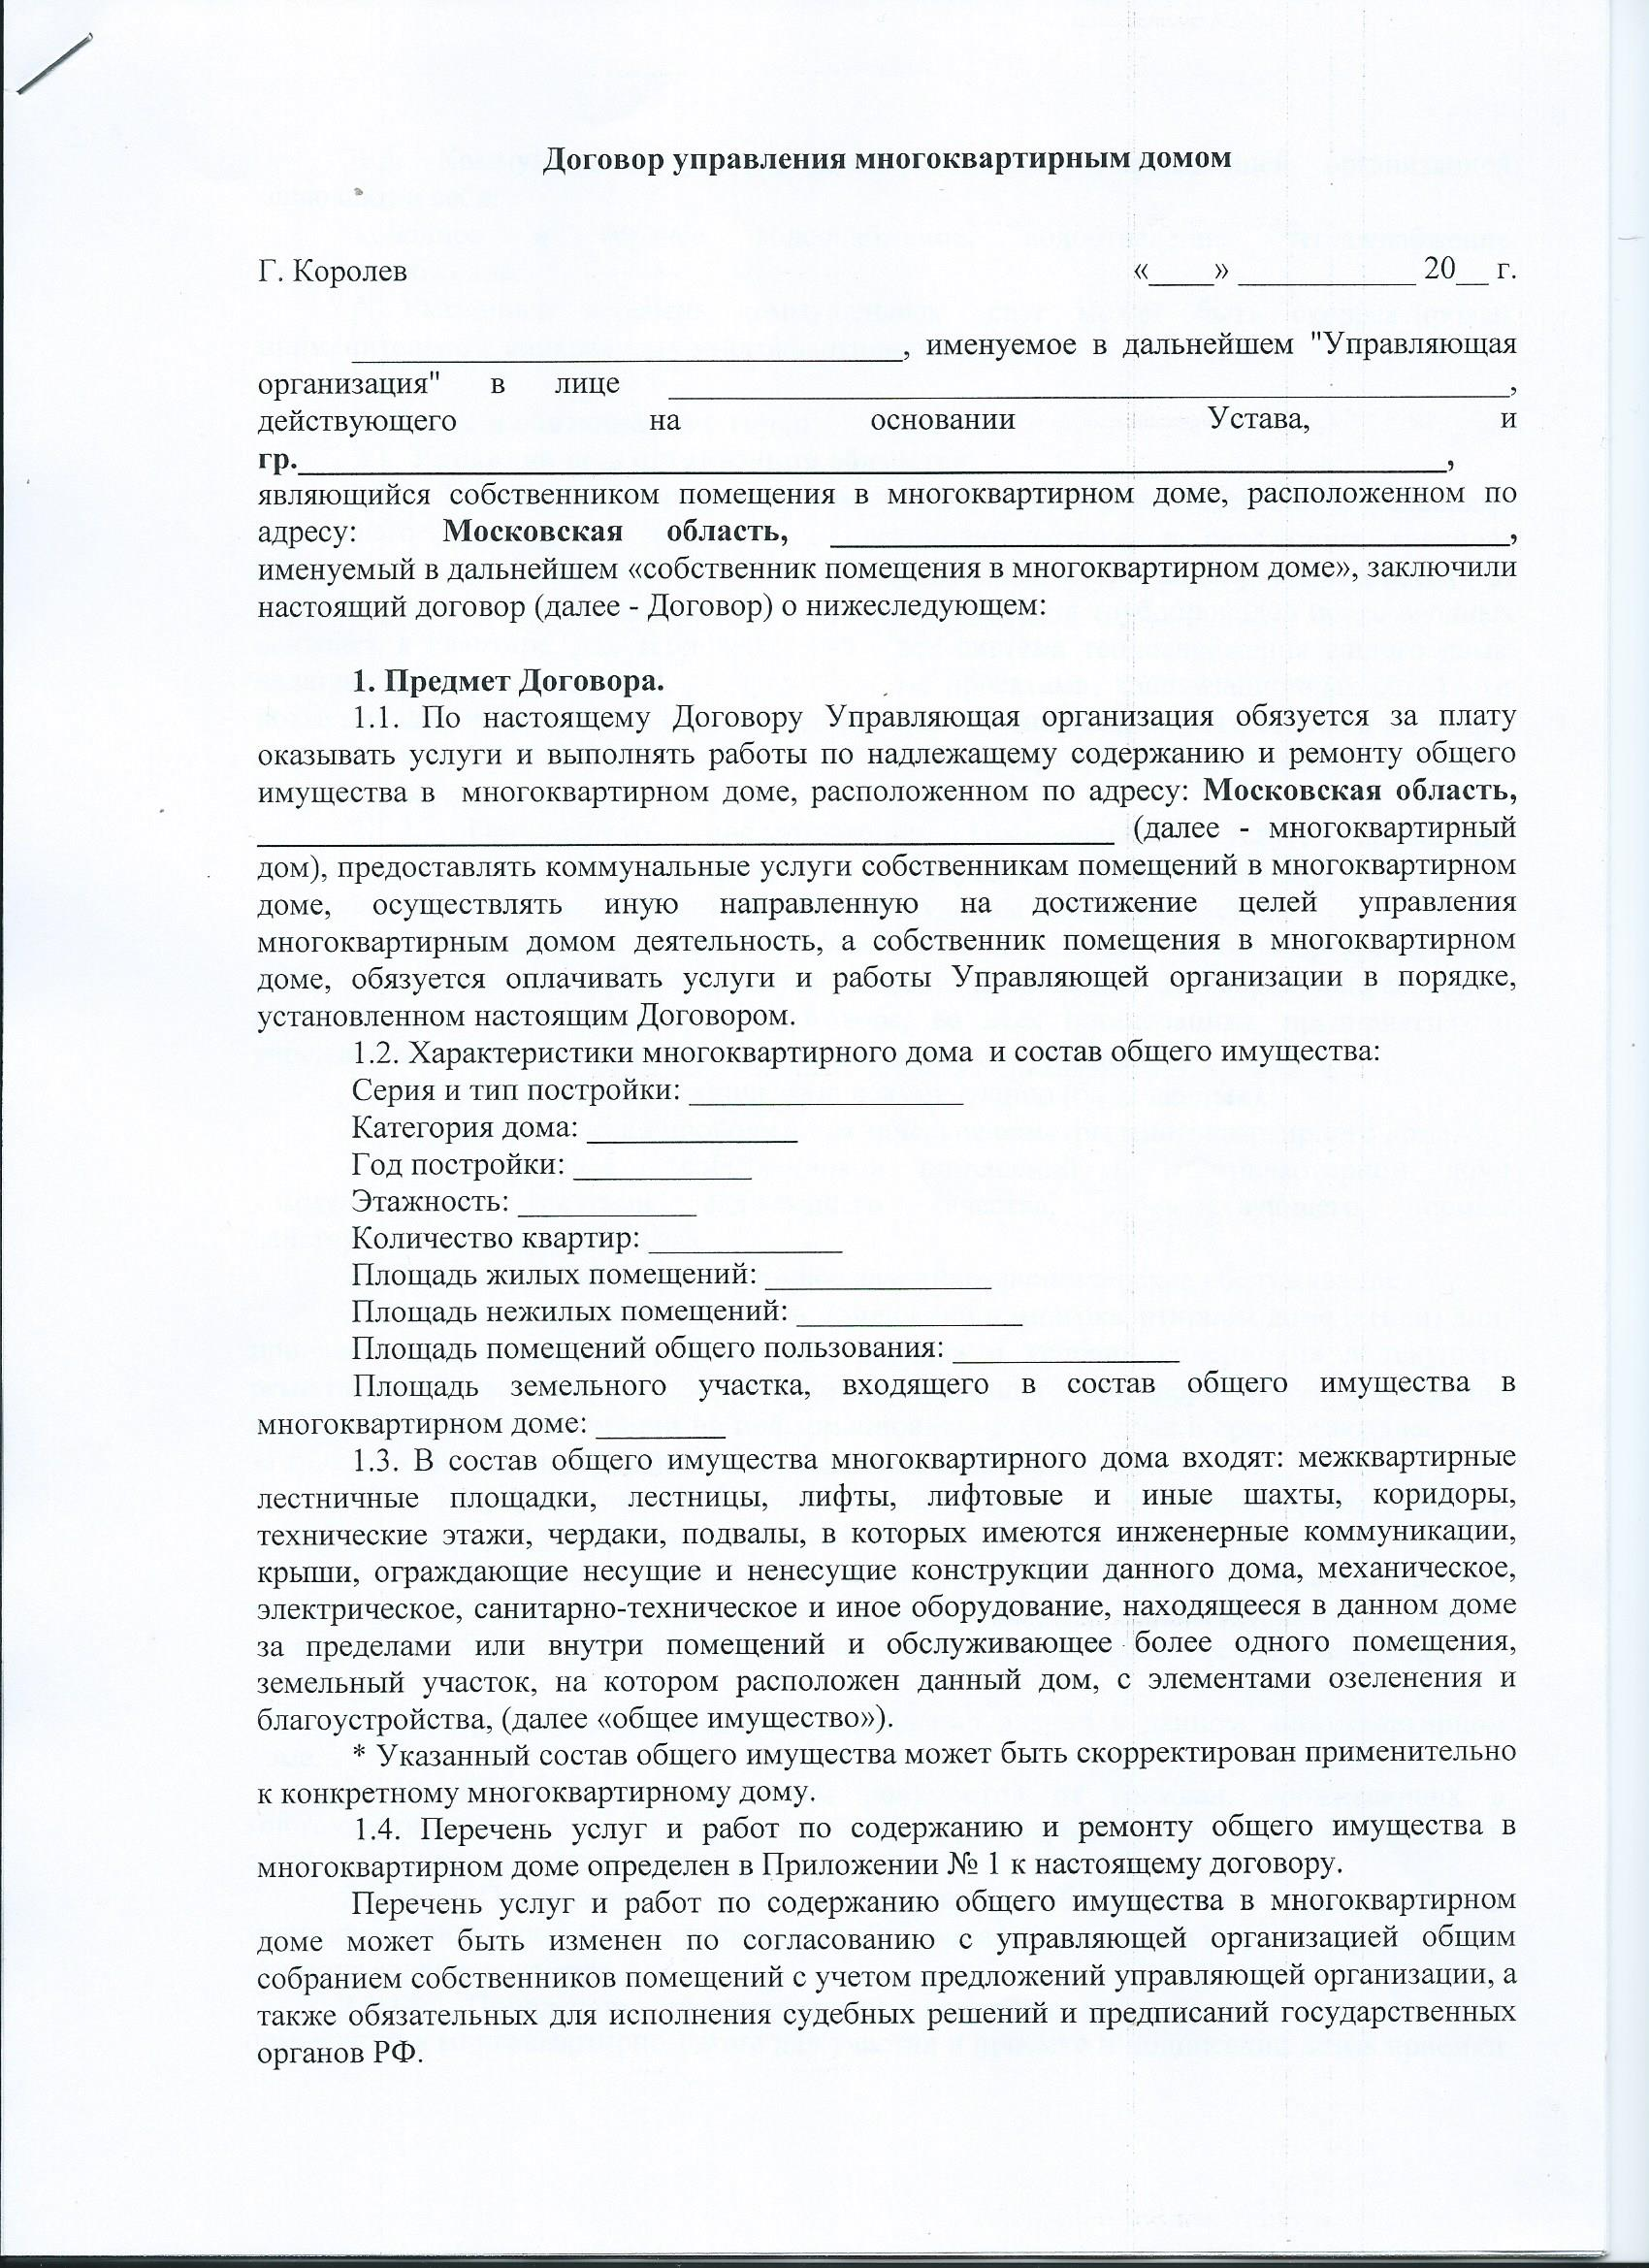 схема сети договор провайдер мкд